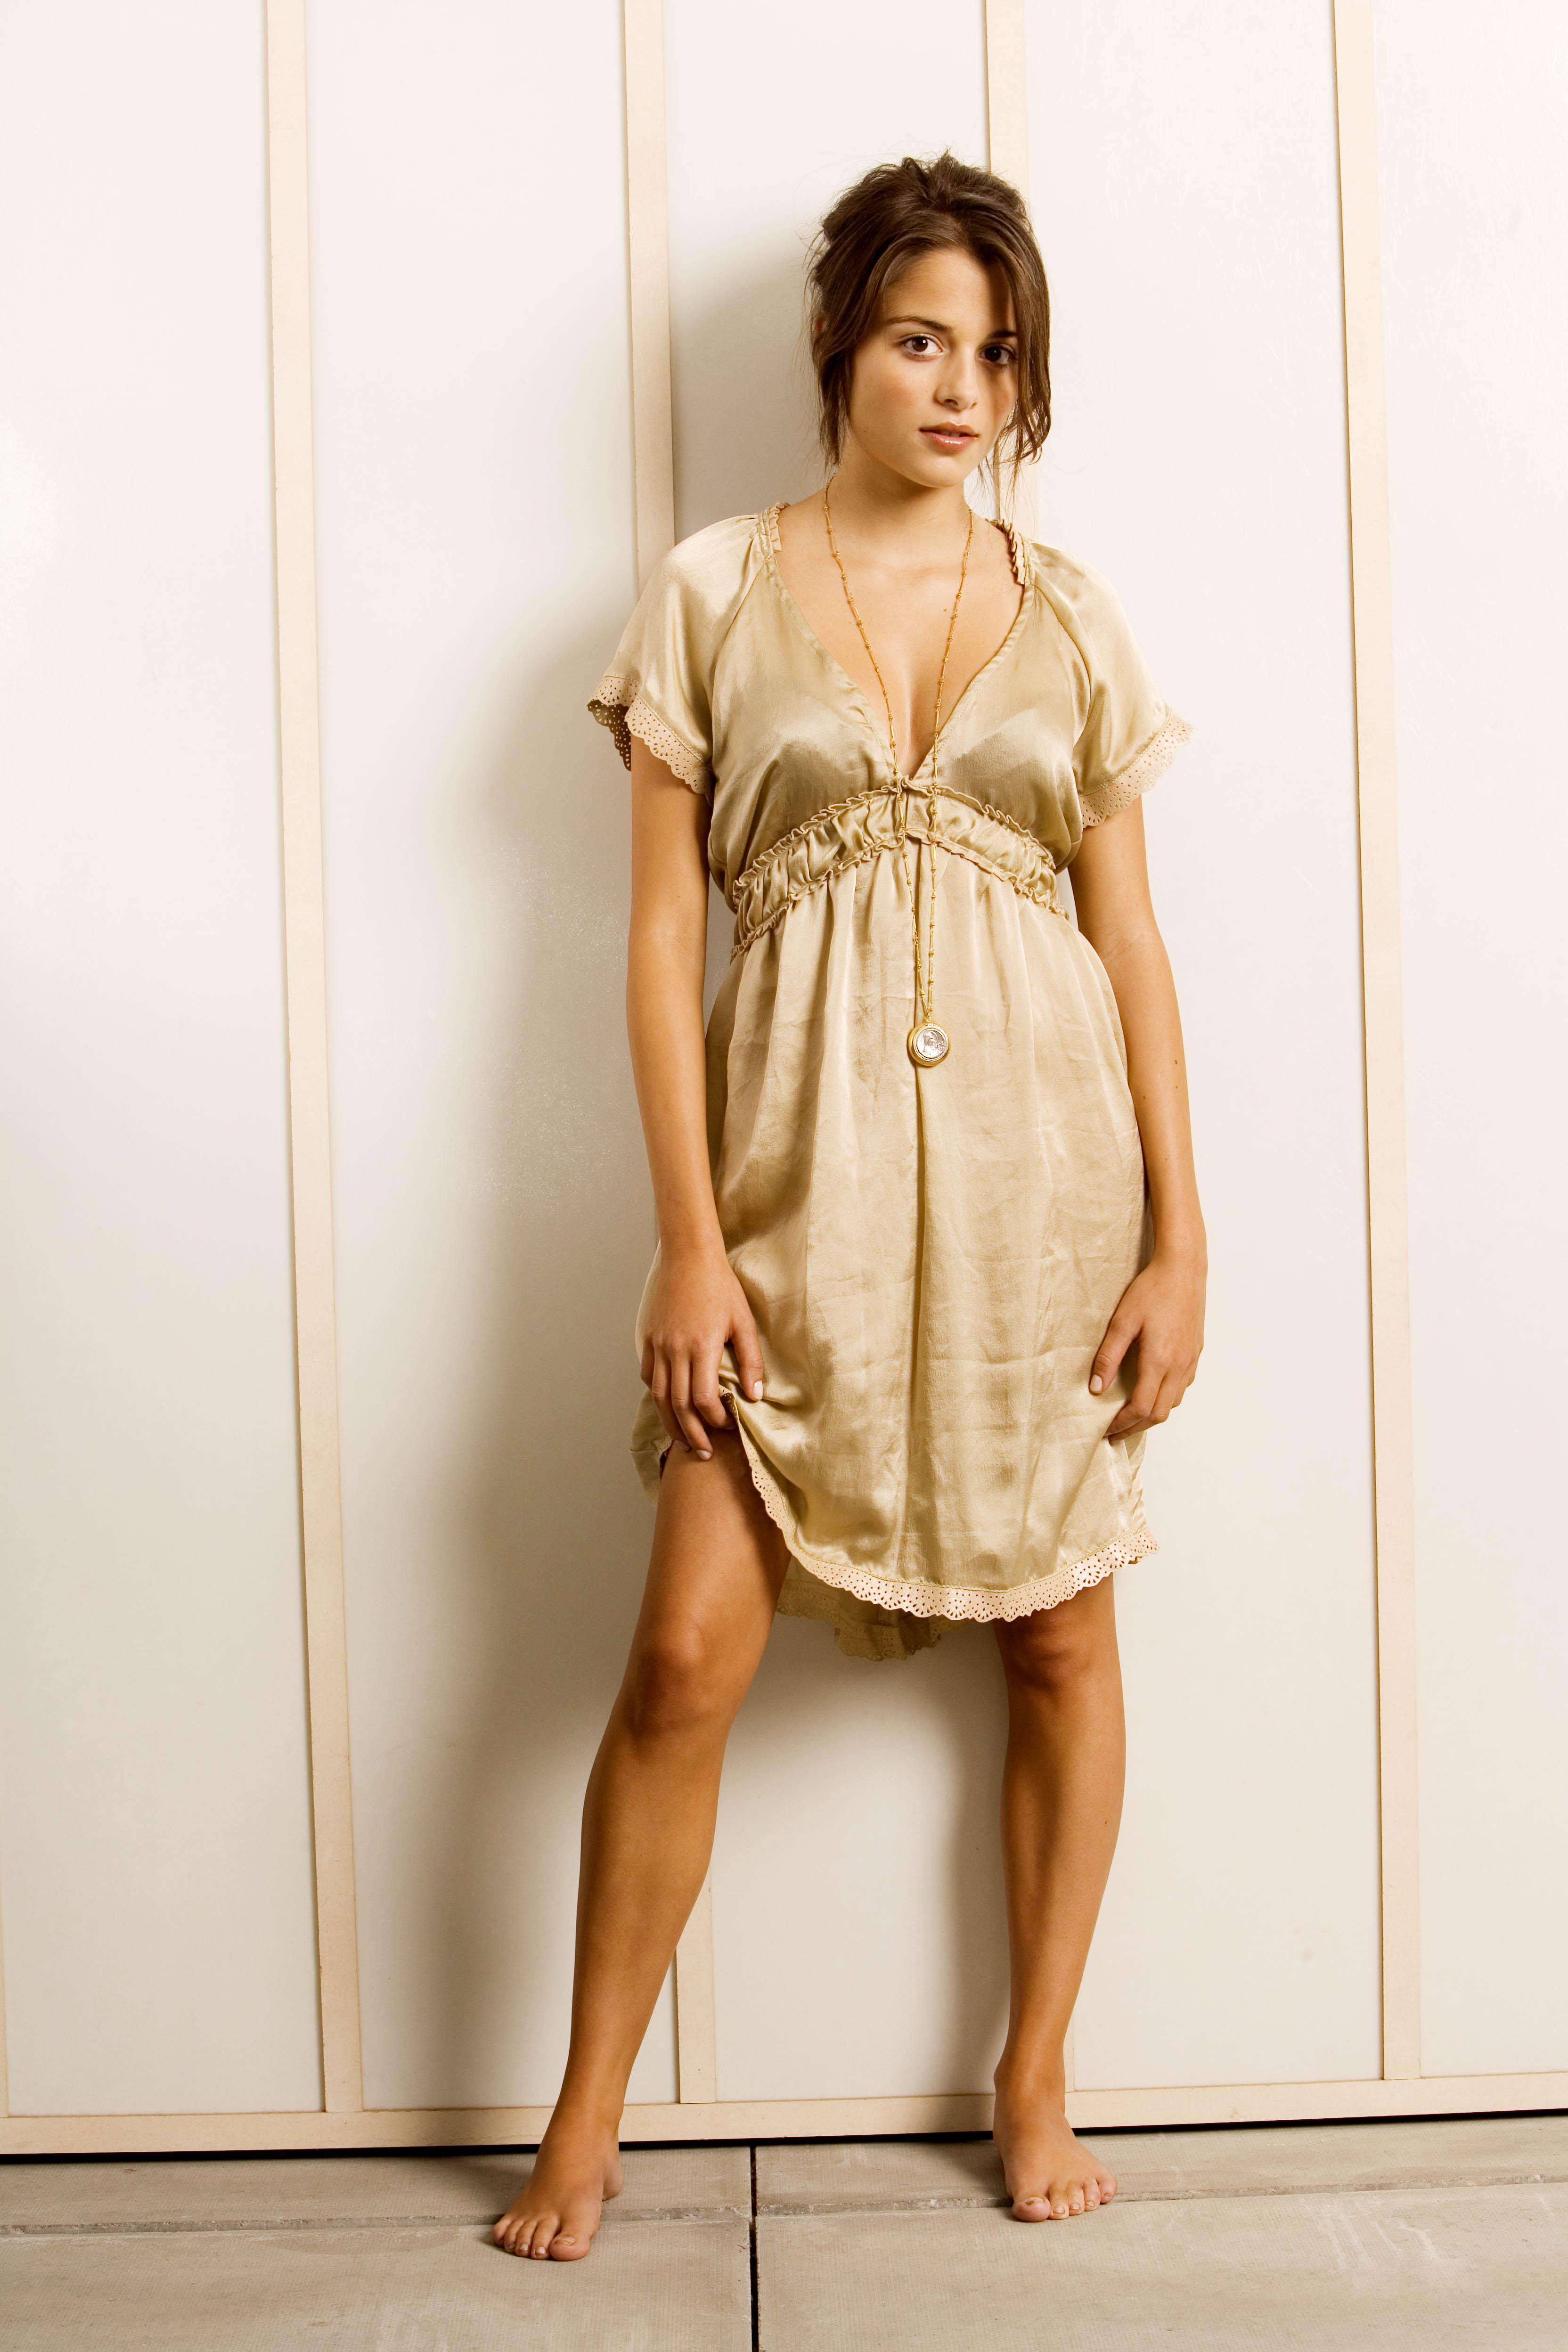 Poze Stephanie Leonidas Actor Poza 11 Din 34